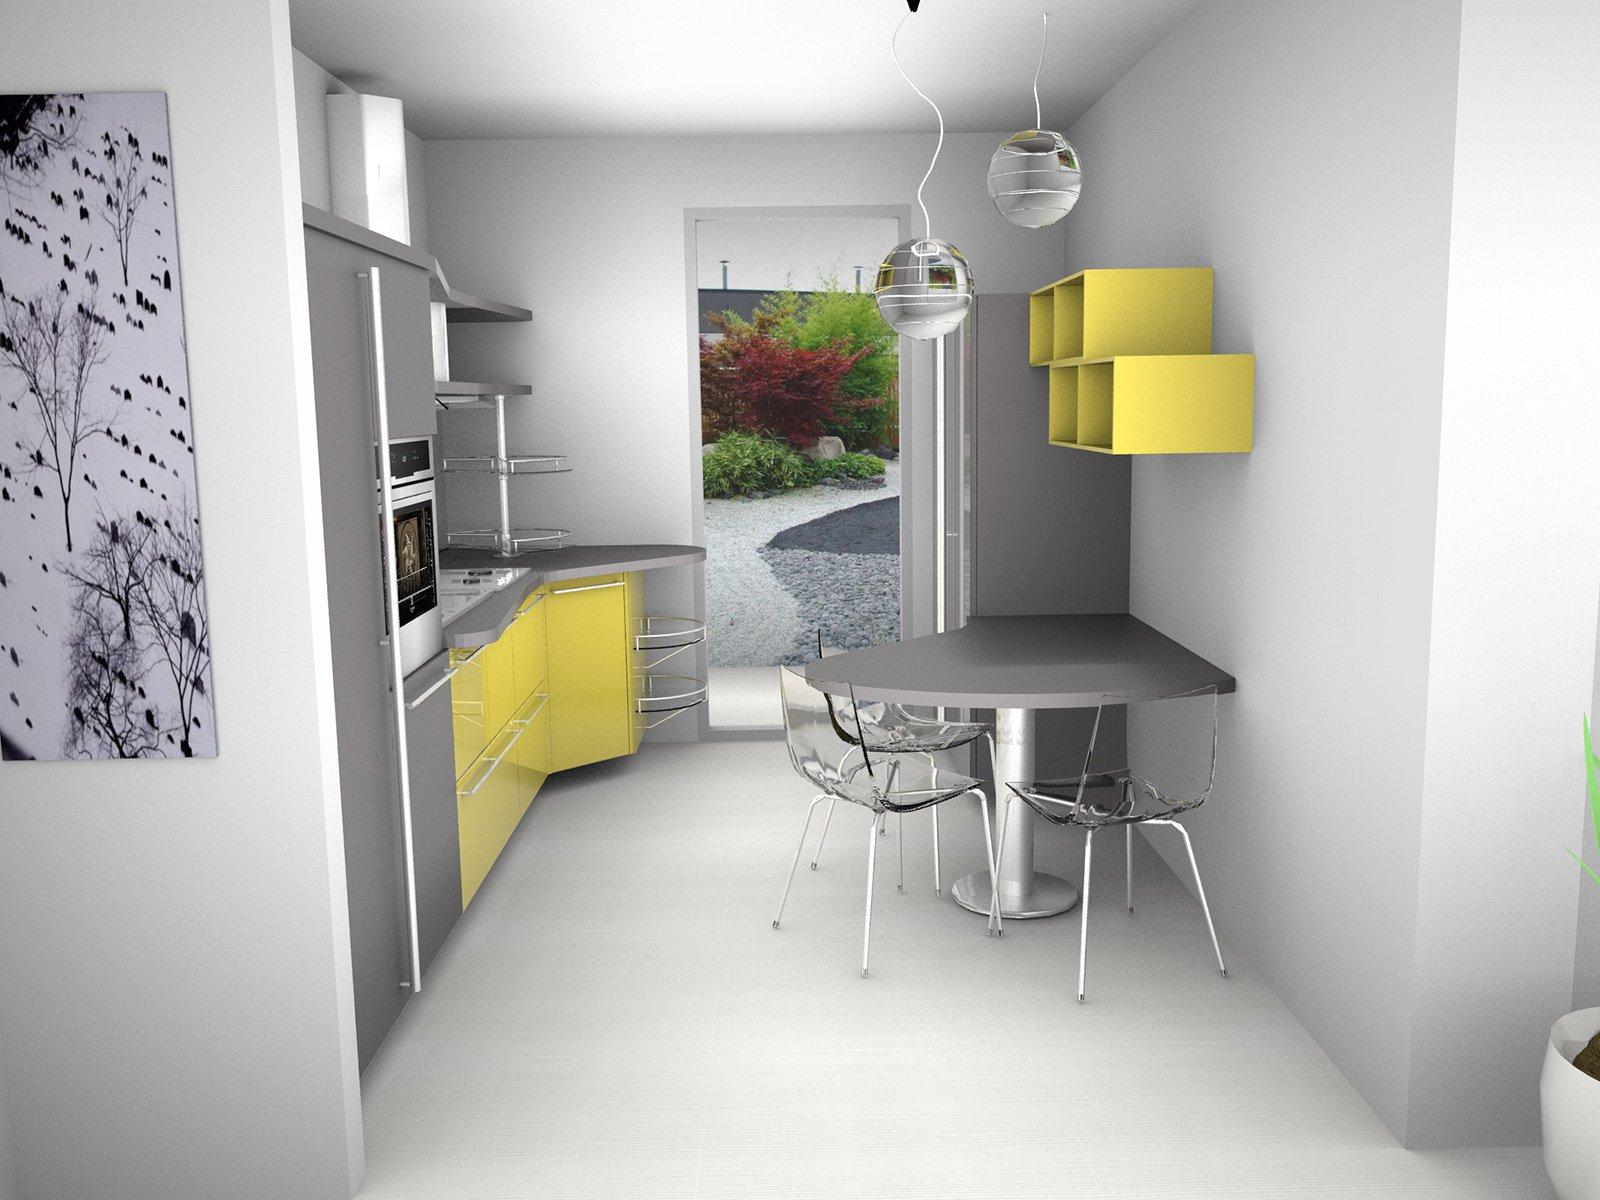 Awesome progetto cucina moderna tg81 pineglen for La migliore casa progetta lo stile indiano